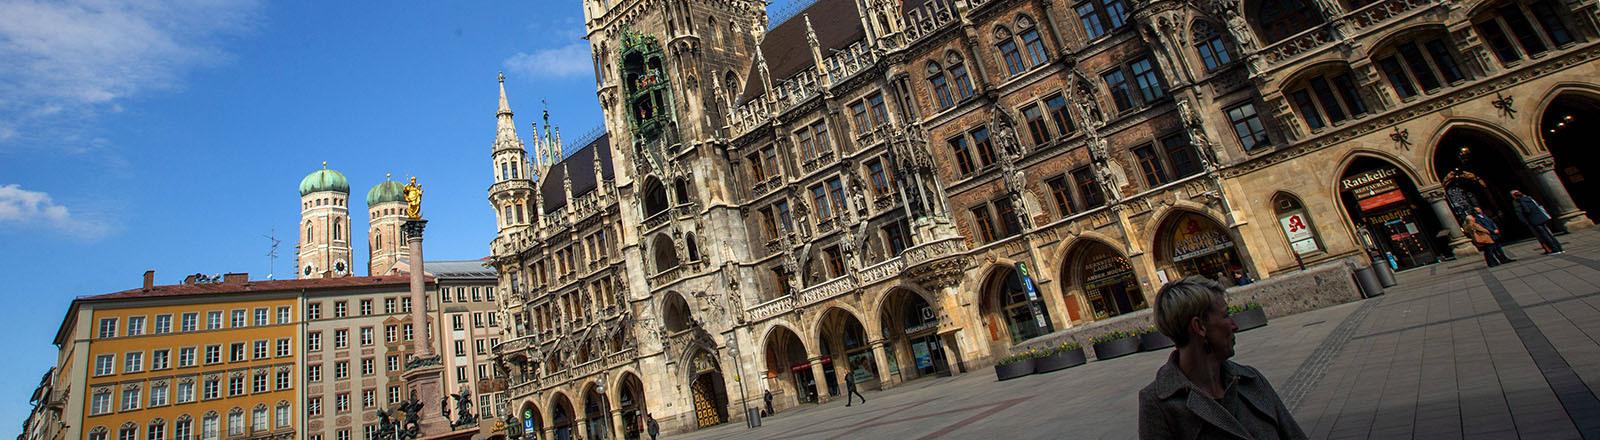 Blick auf das Müncher Rathaus und den Marienplatz (31.03.2020)